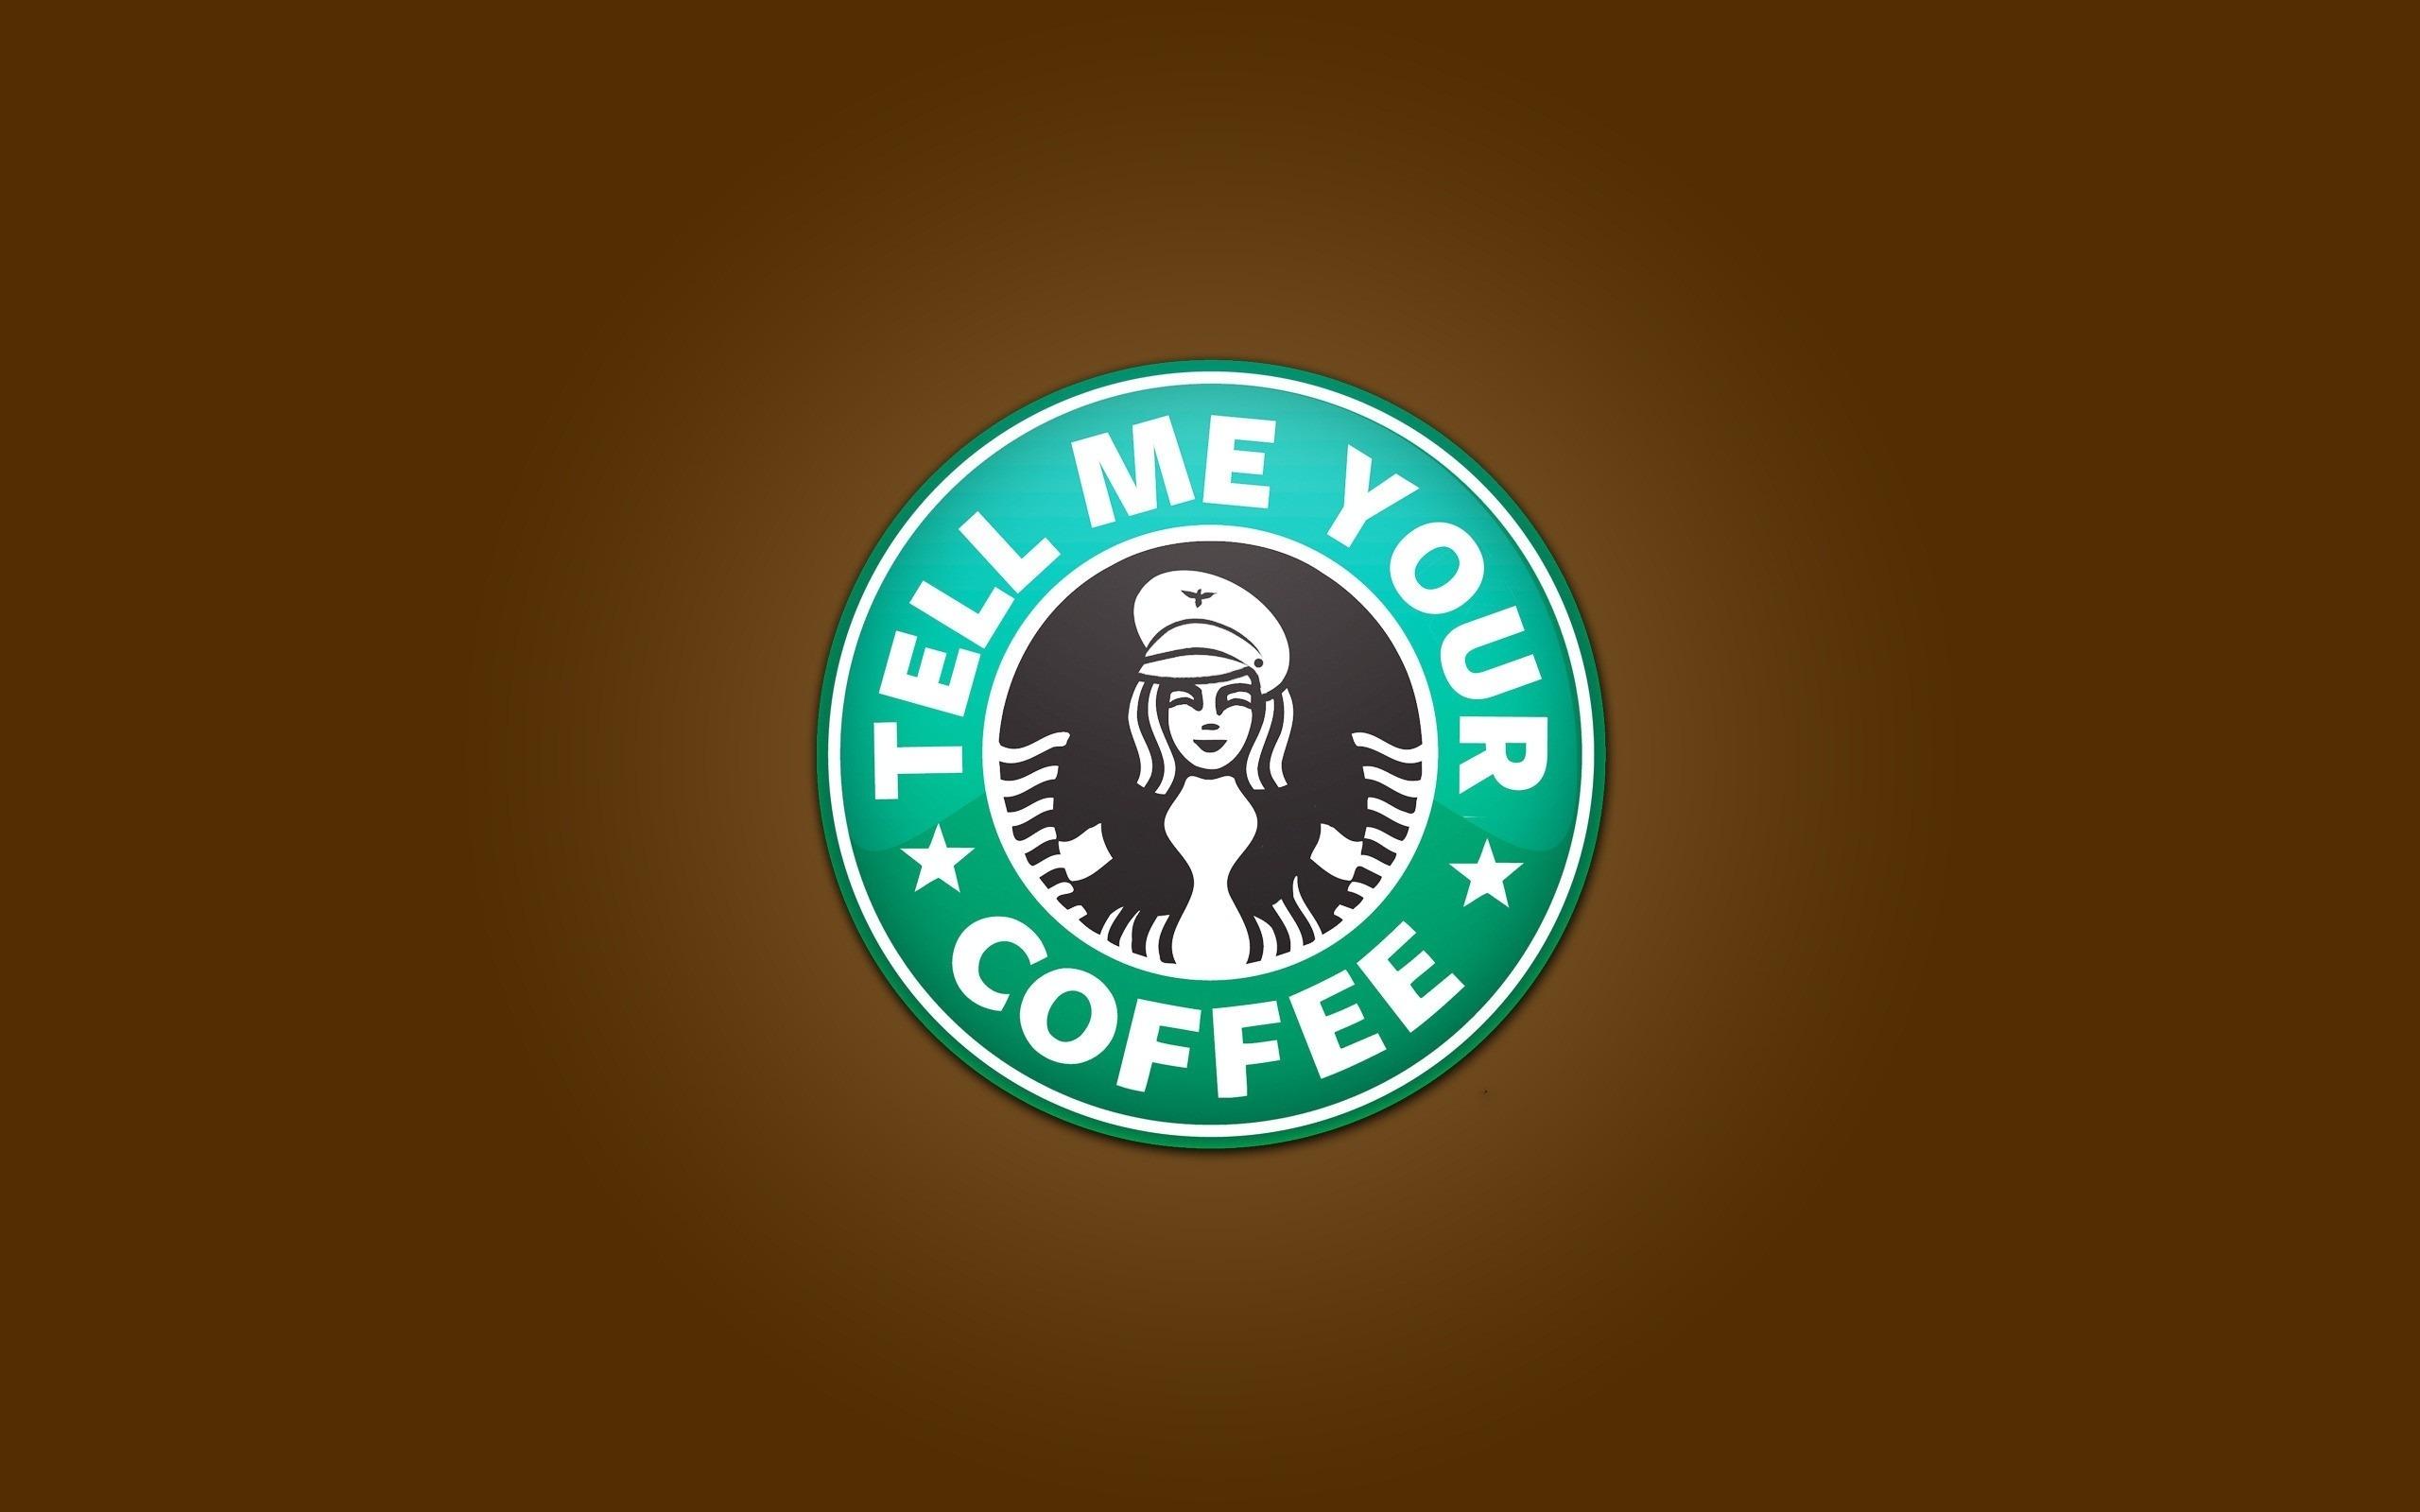 スターバックスコーヒー ブランド広告の壁紙プレビュー 10wallpaper Com